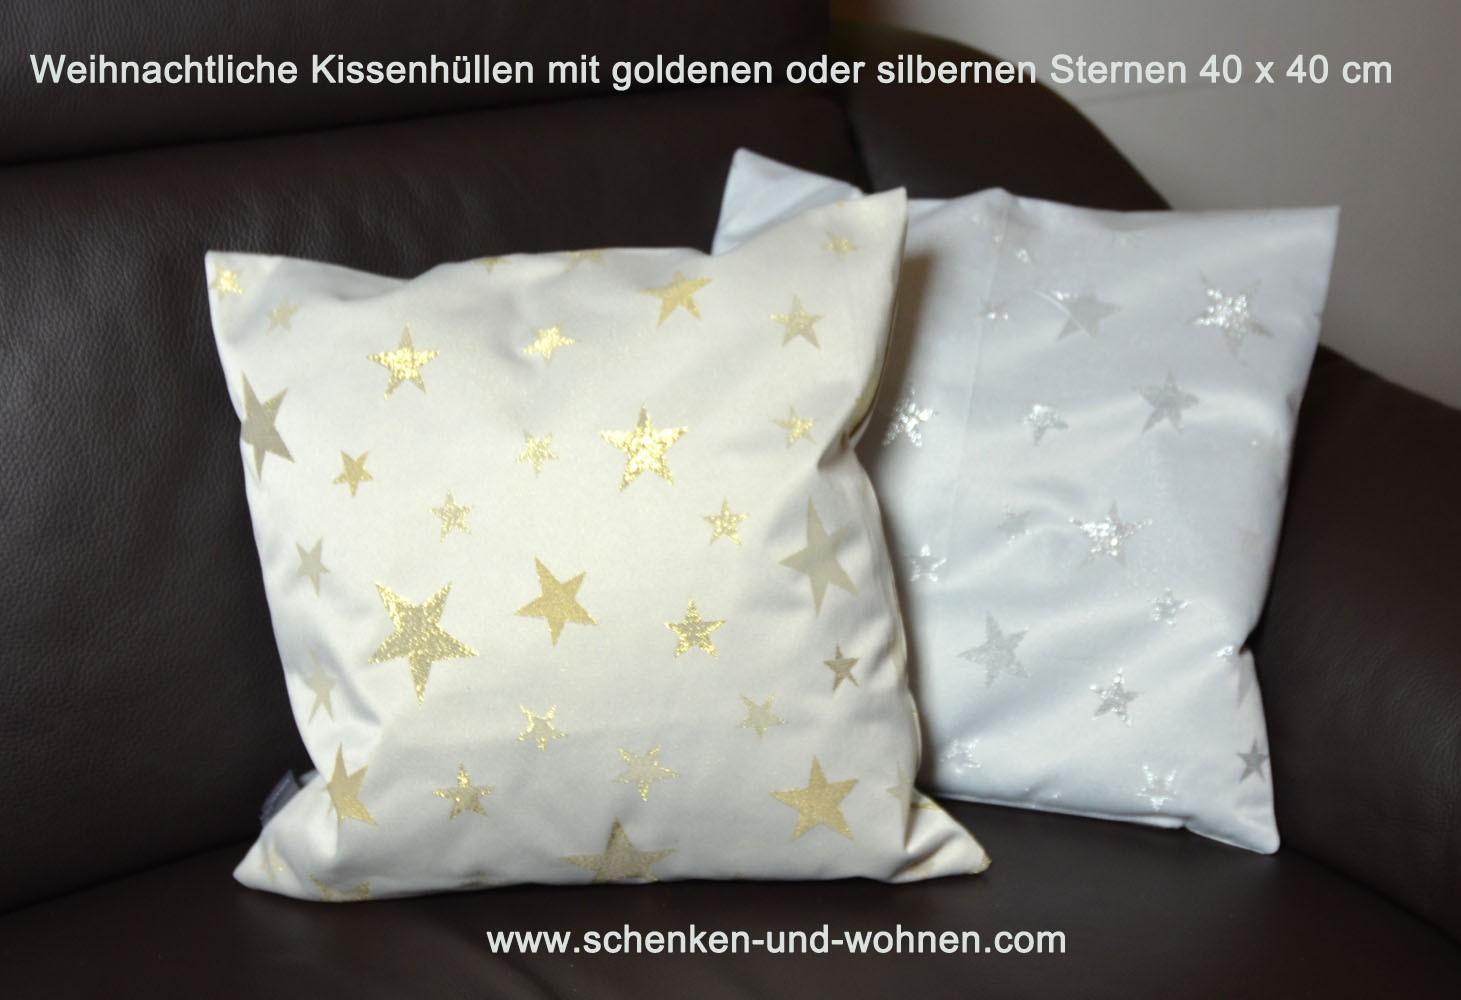 Kissenhülle 40 x 40 cm mit silbernen Sternen